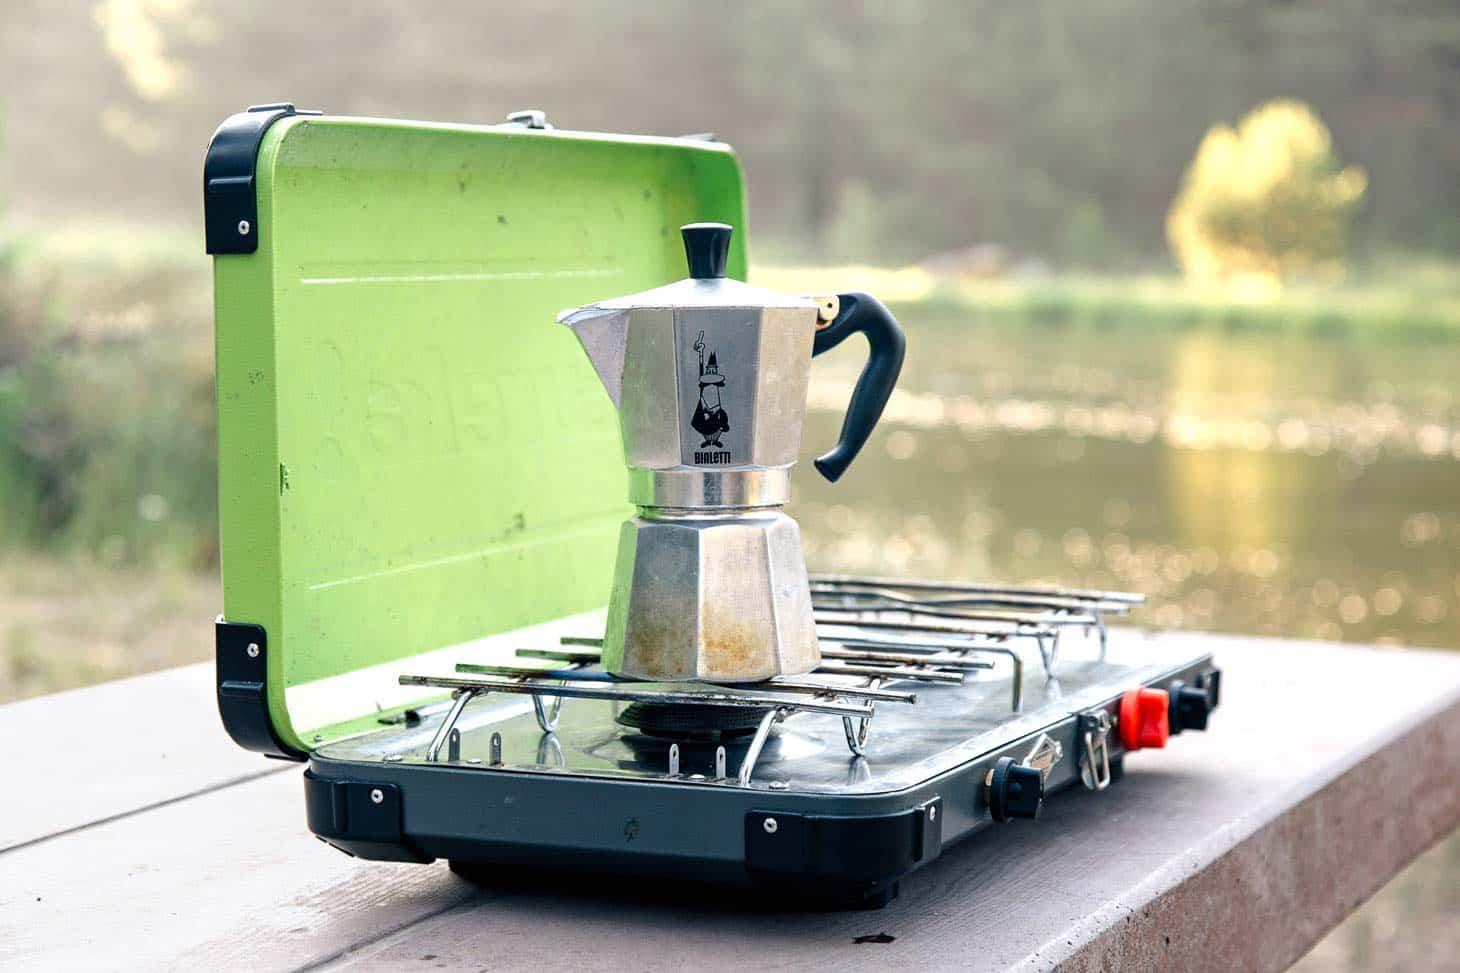 Moka Pot - Camping Stovetop Espresso Maker